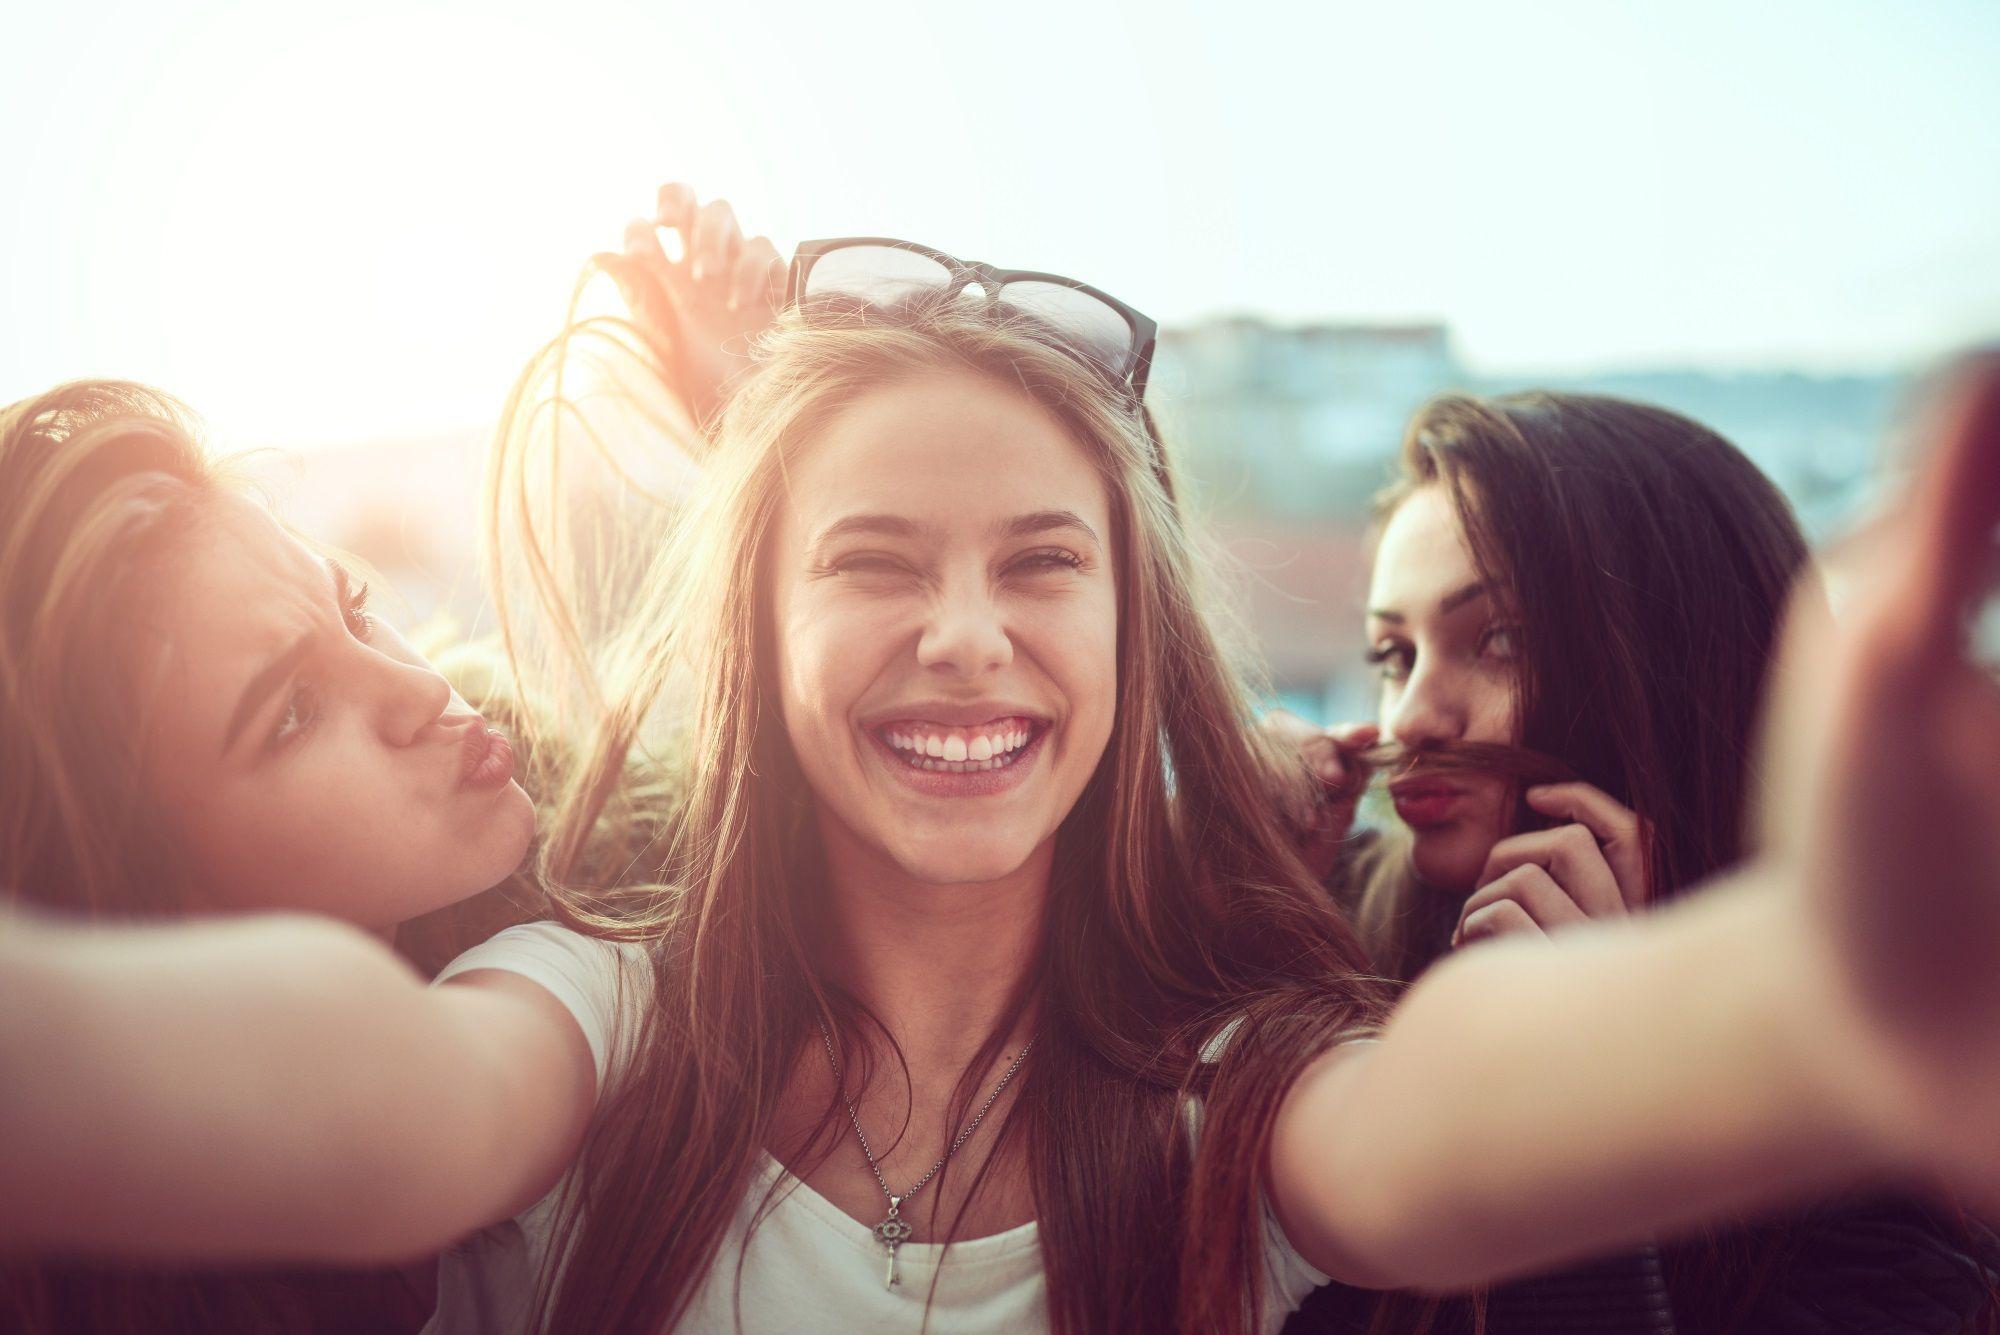 conseils pour les adolescents sur la datation